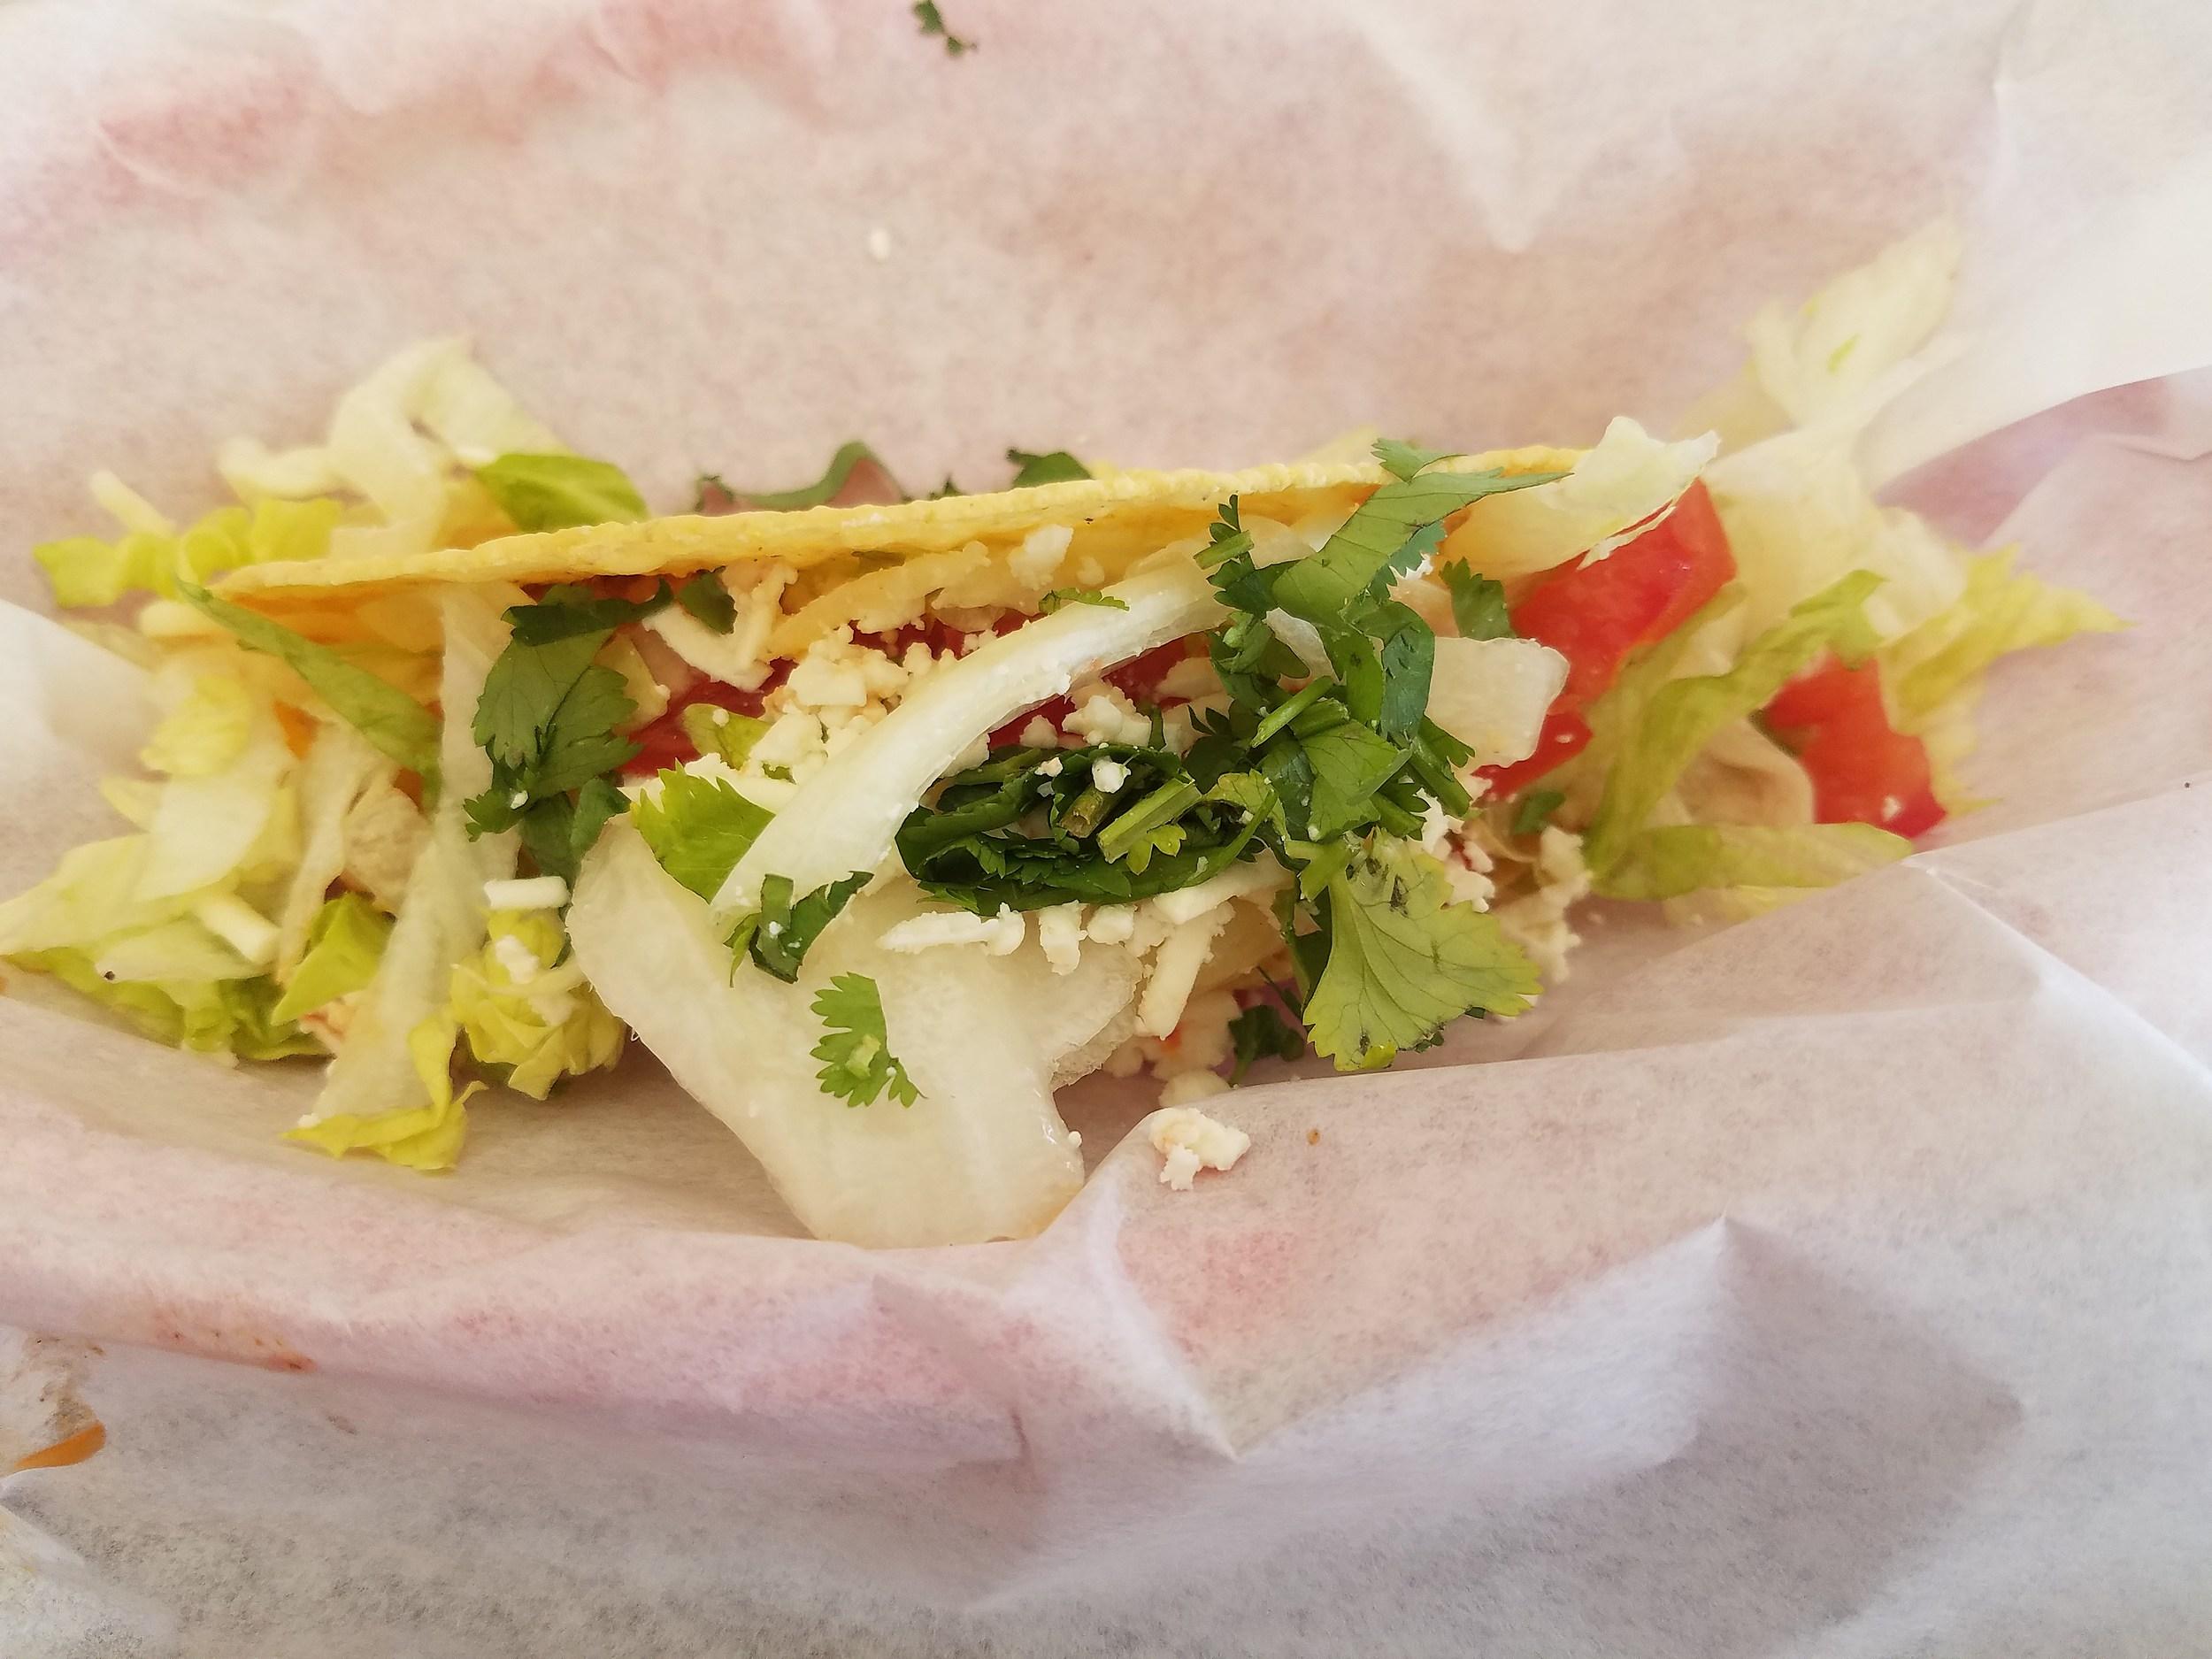 Fuzzy Tacos